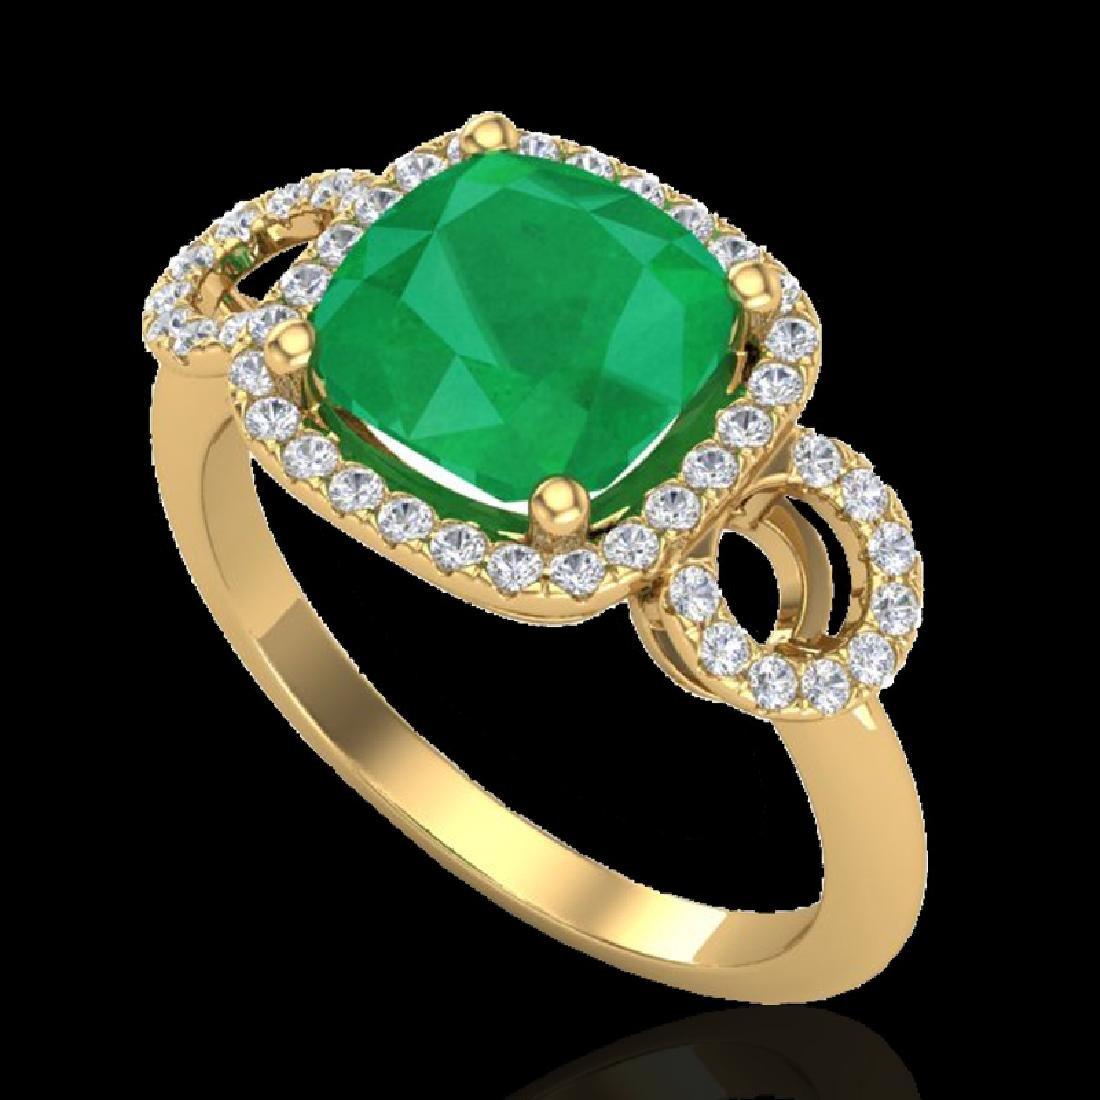 3.15 CTW Emerald & Micro VS/SI Diamond Ring 18K Yellow - 2